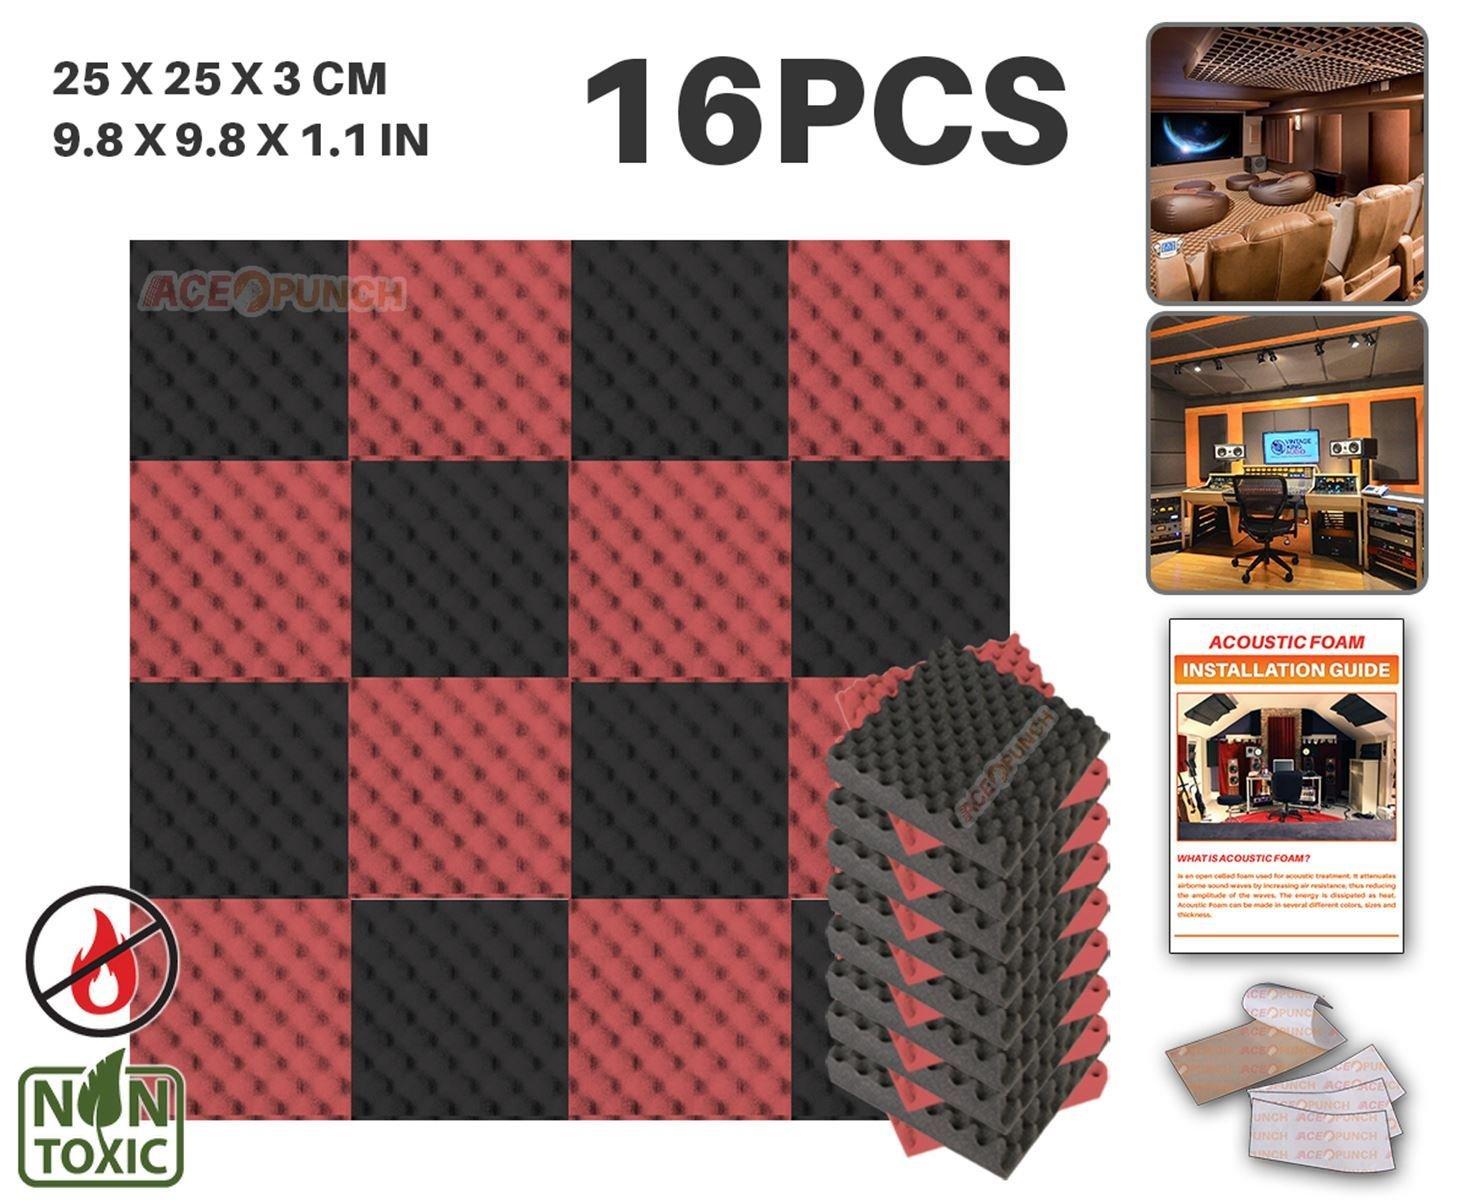 Ace Punch 16 Paquete 2 Colores NEGRO Y AZUL Espuma de Combinación Caja de Huevos Acústica Panel Para Aislamiento Acústico de Sonido de Tratamiento de Amortiguadores con Cinta de 25 x 25 x 3 cm AP1052